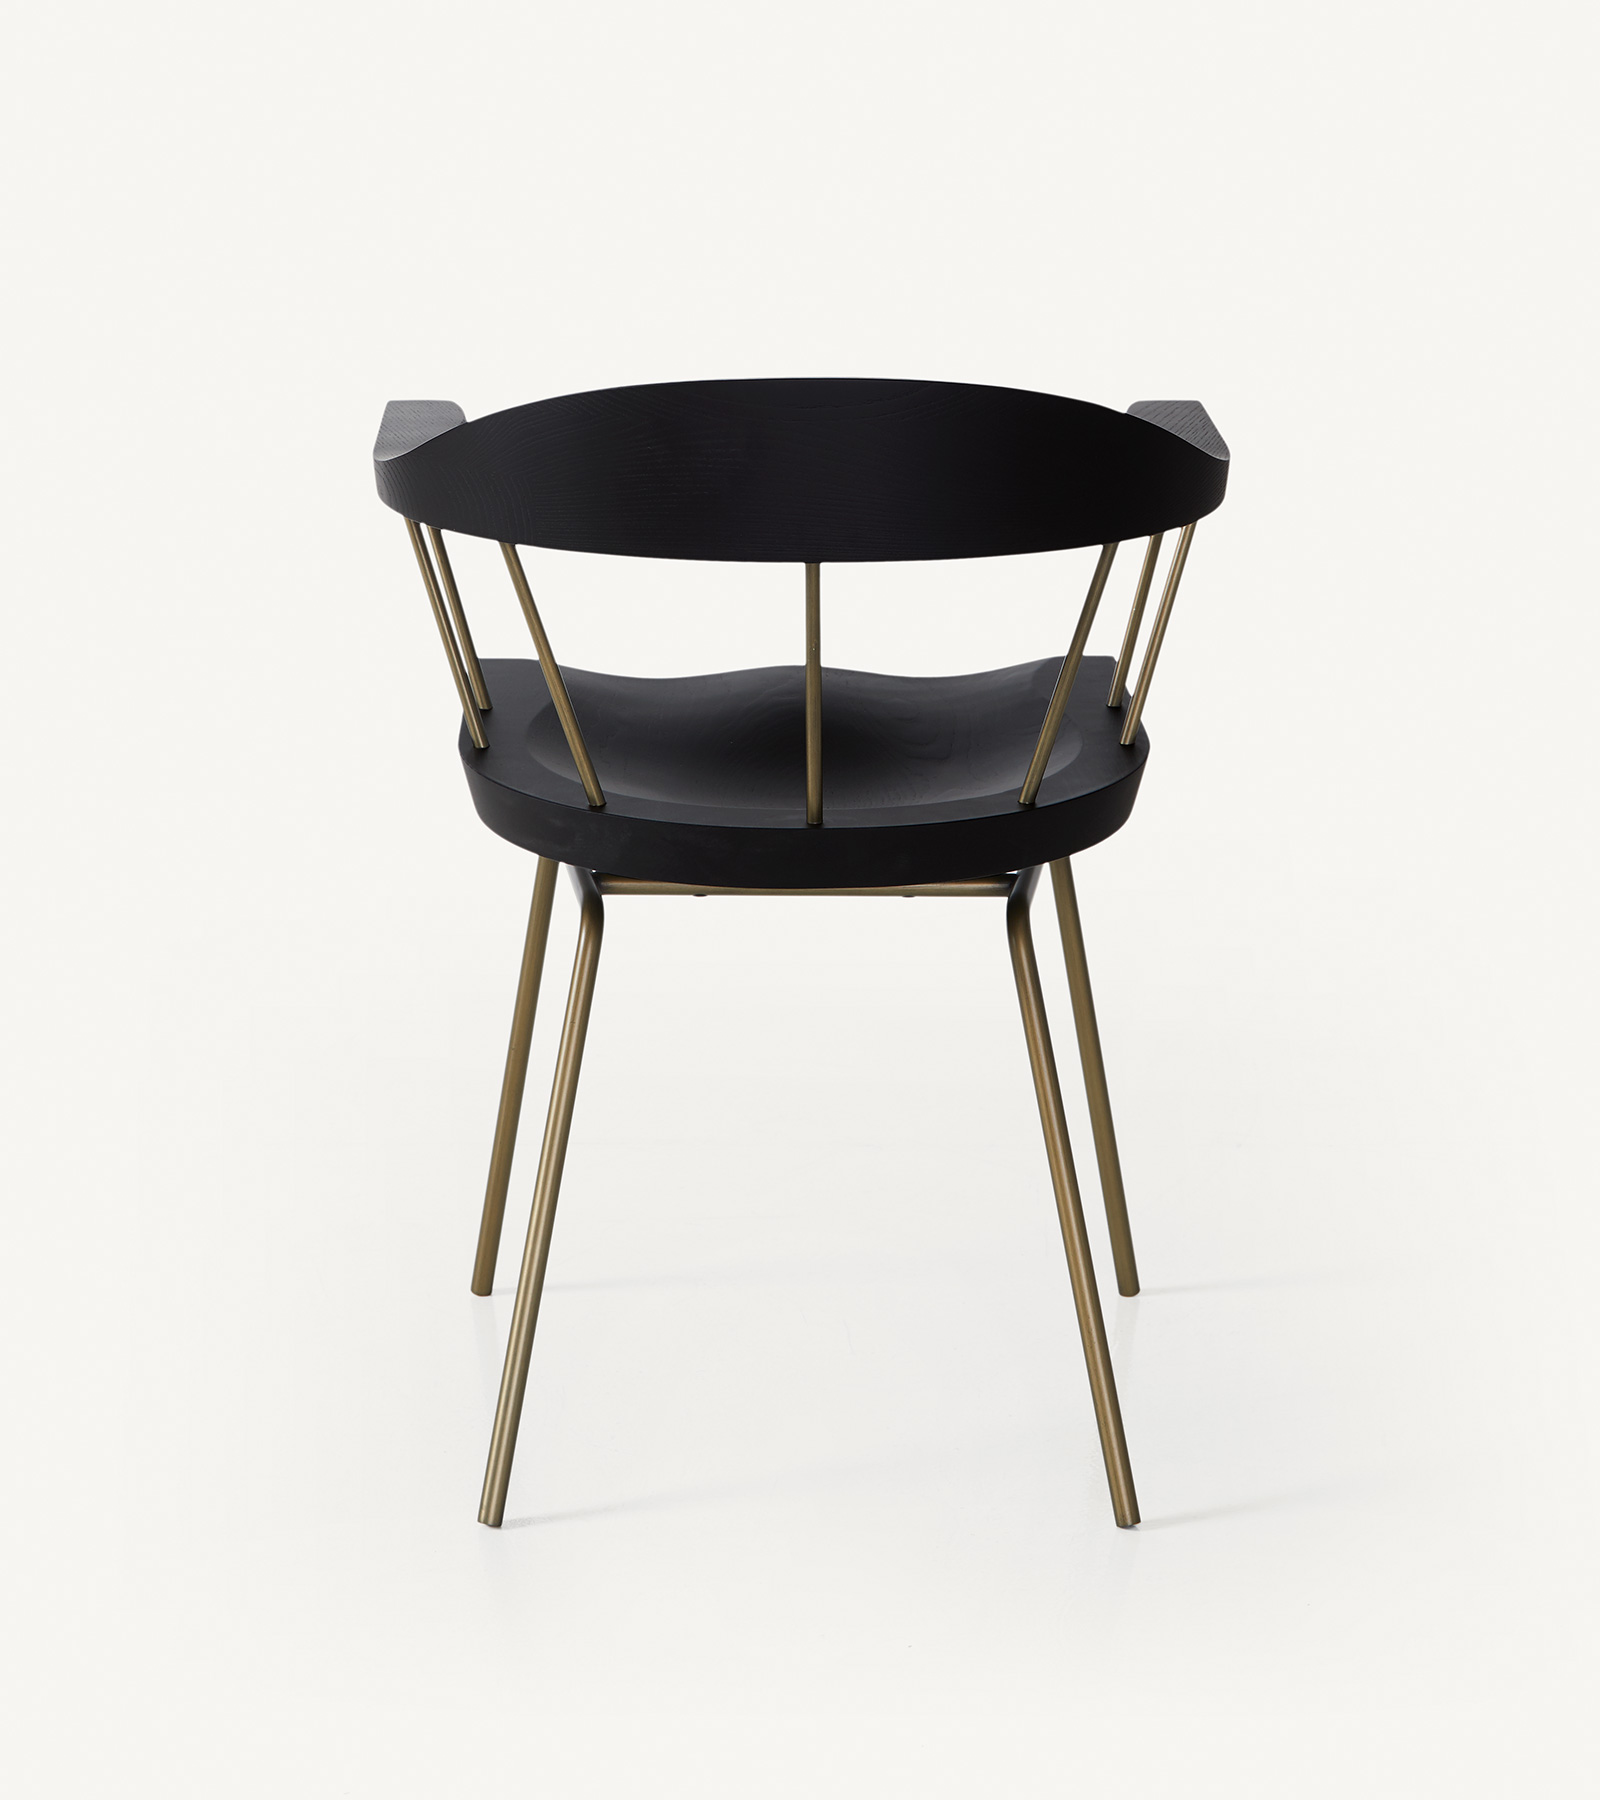 TinnappleMetz-bassamfellows-Spindle-Side-Chair-02